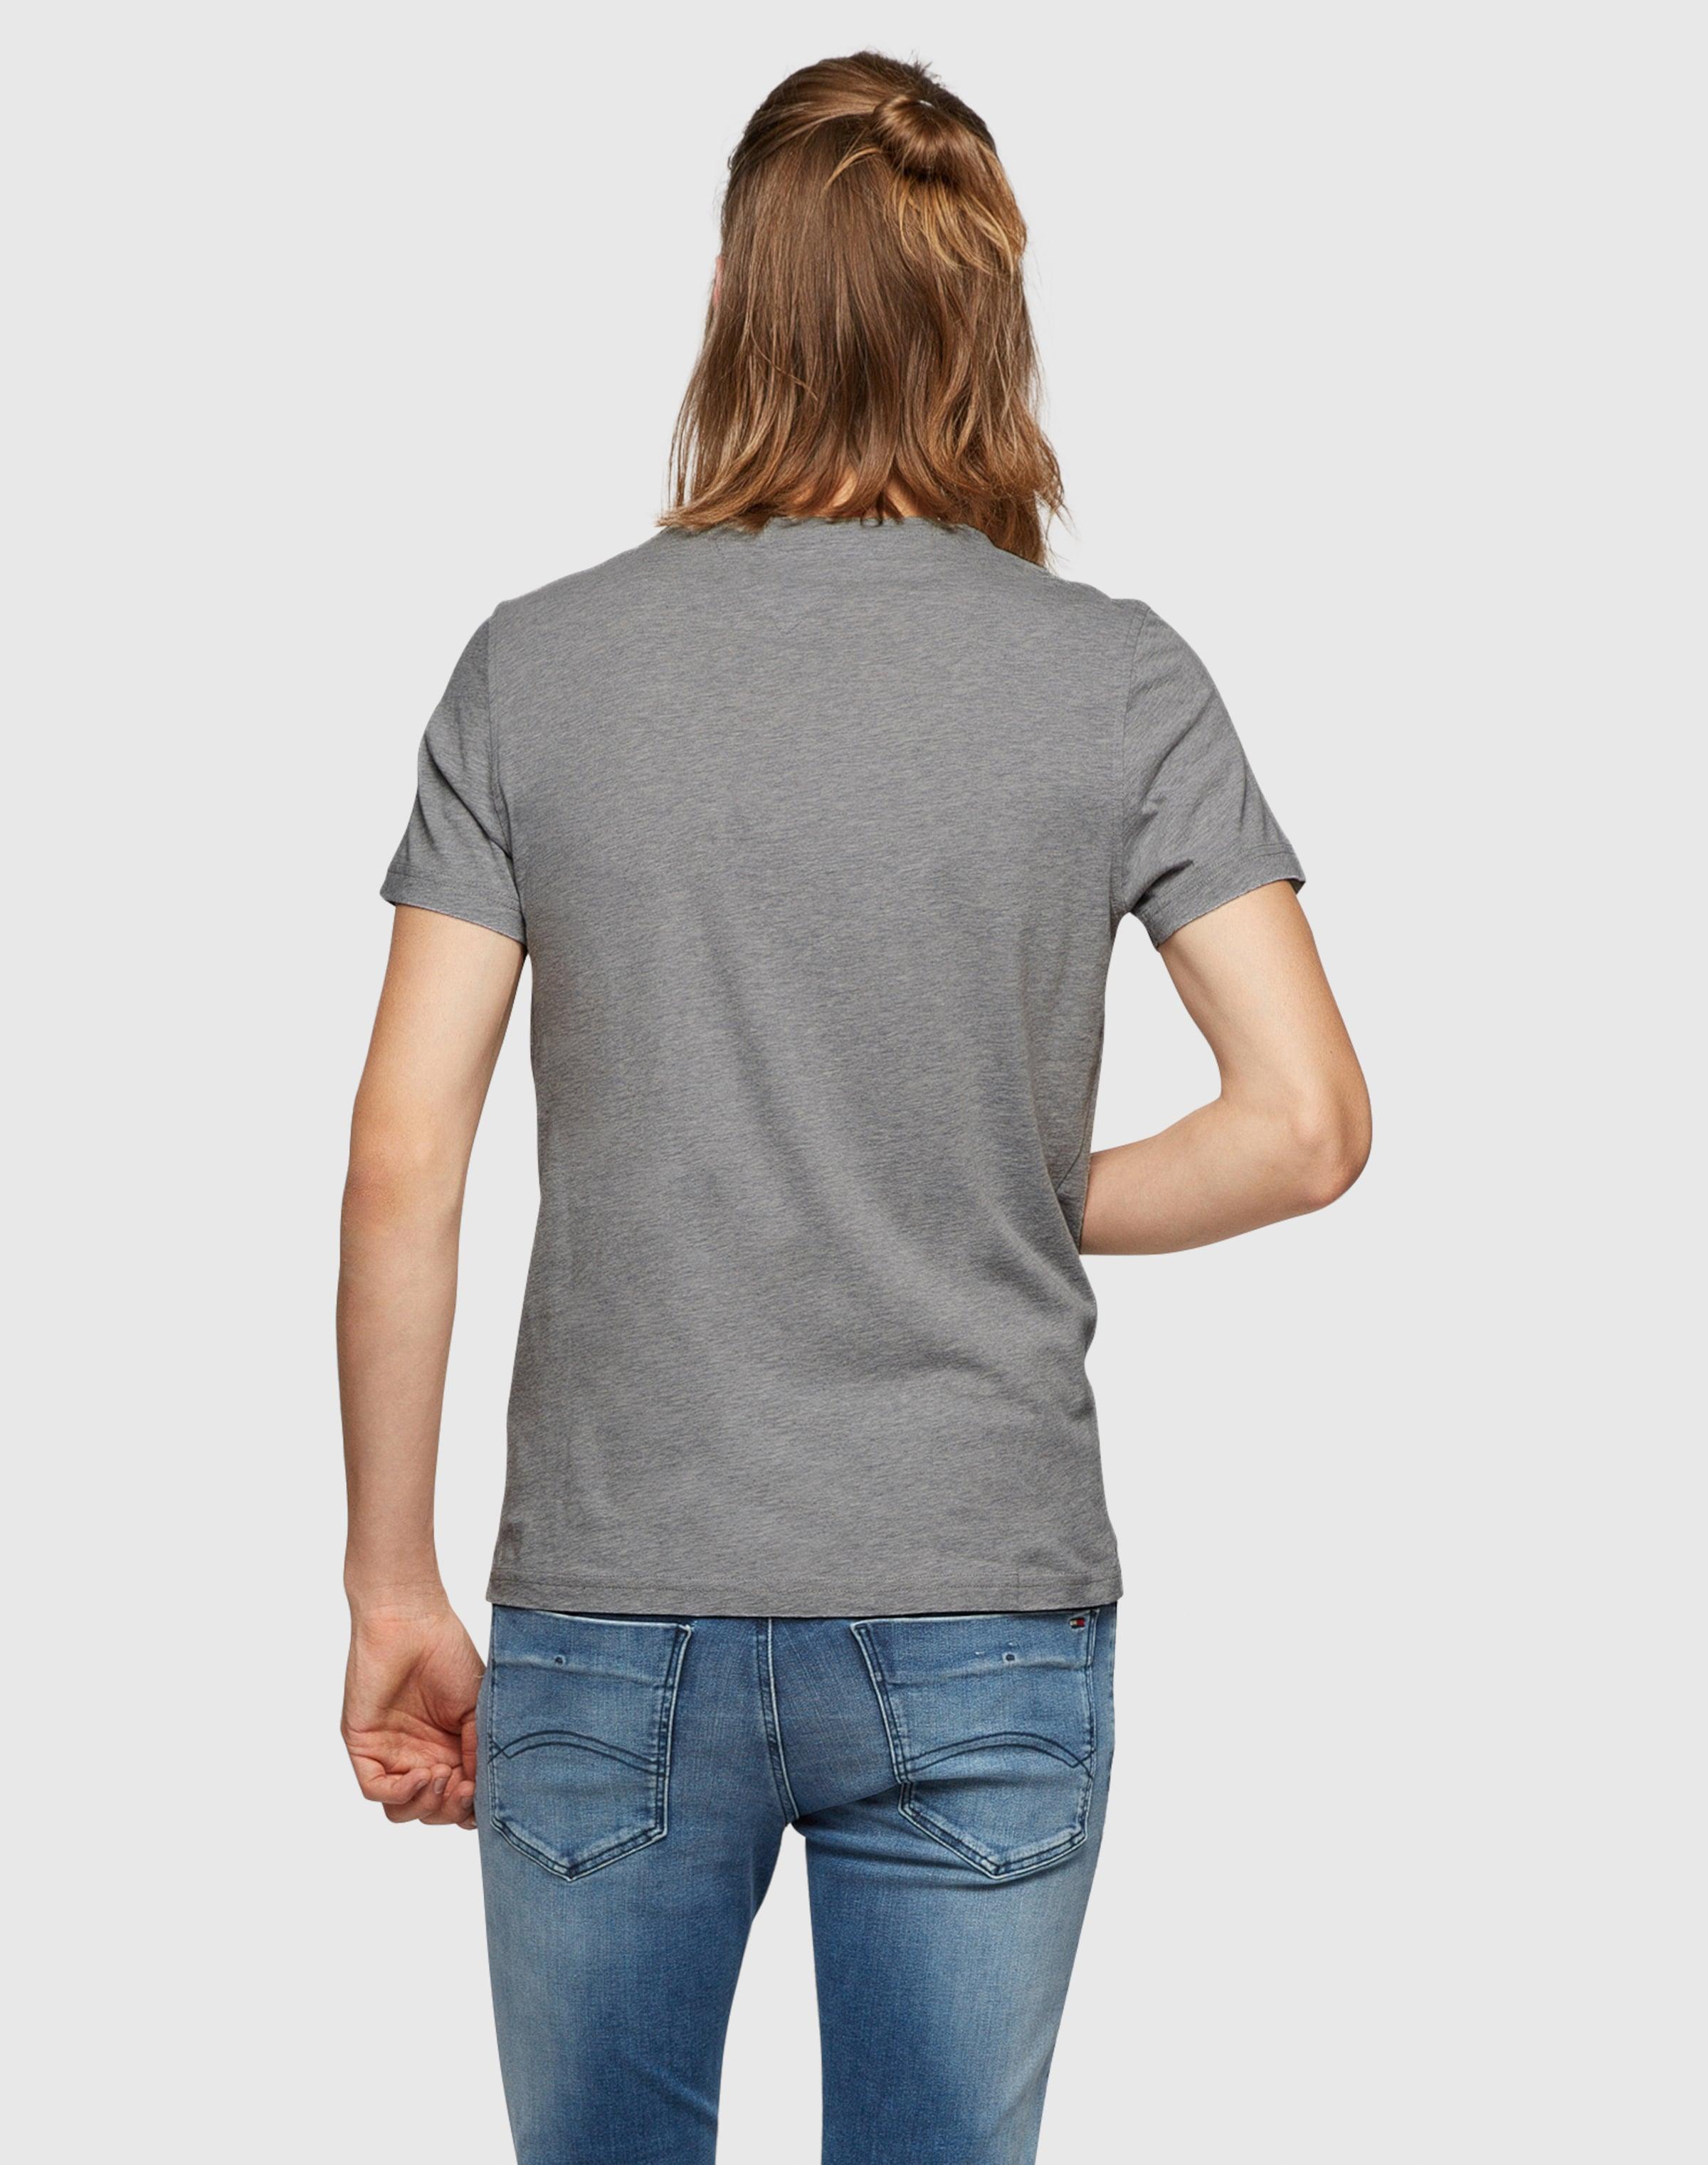 Freies Verschiffen Finish Tommy Jeans Basic-Shirt mit Label-Stickerei Komfortabel Zu Verkaufen Lk3vBoznZ